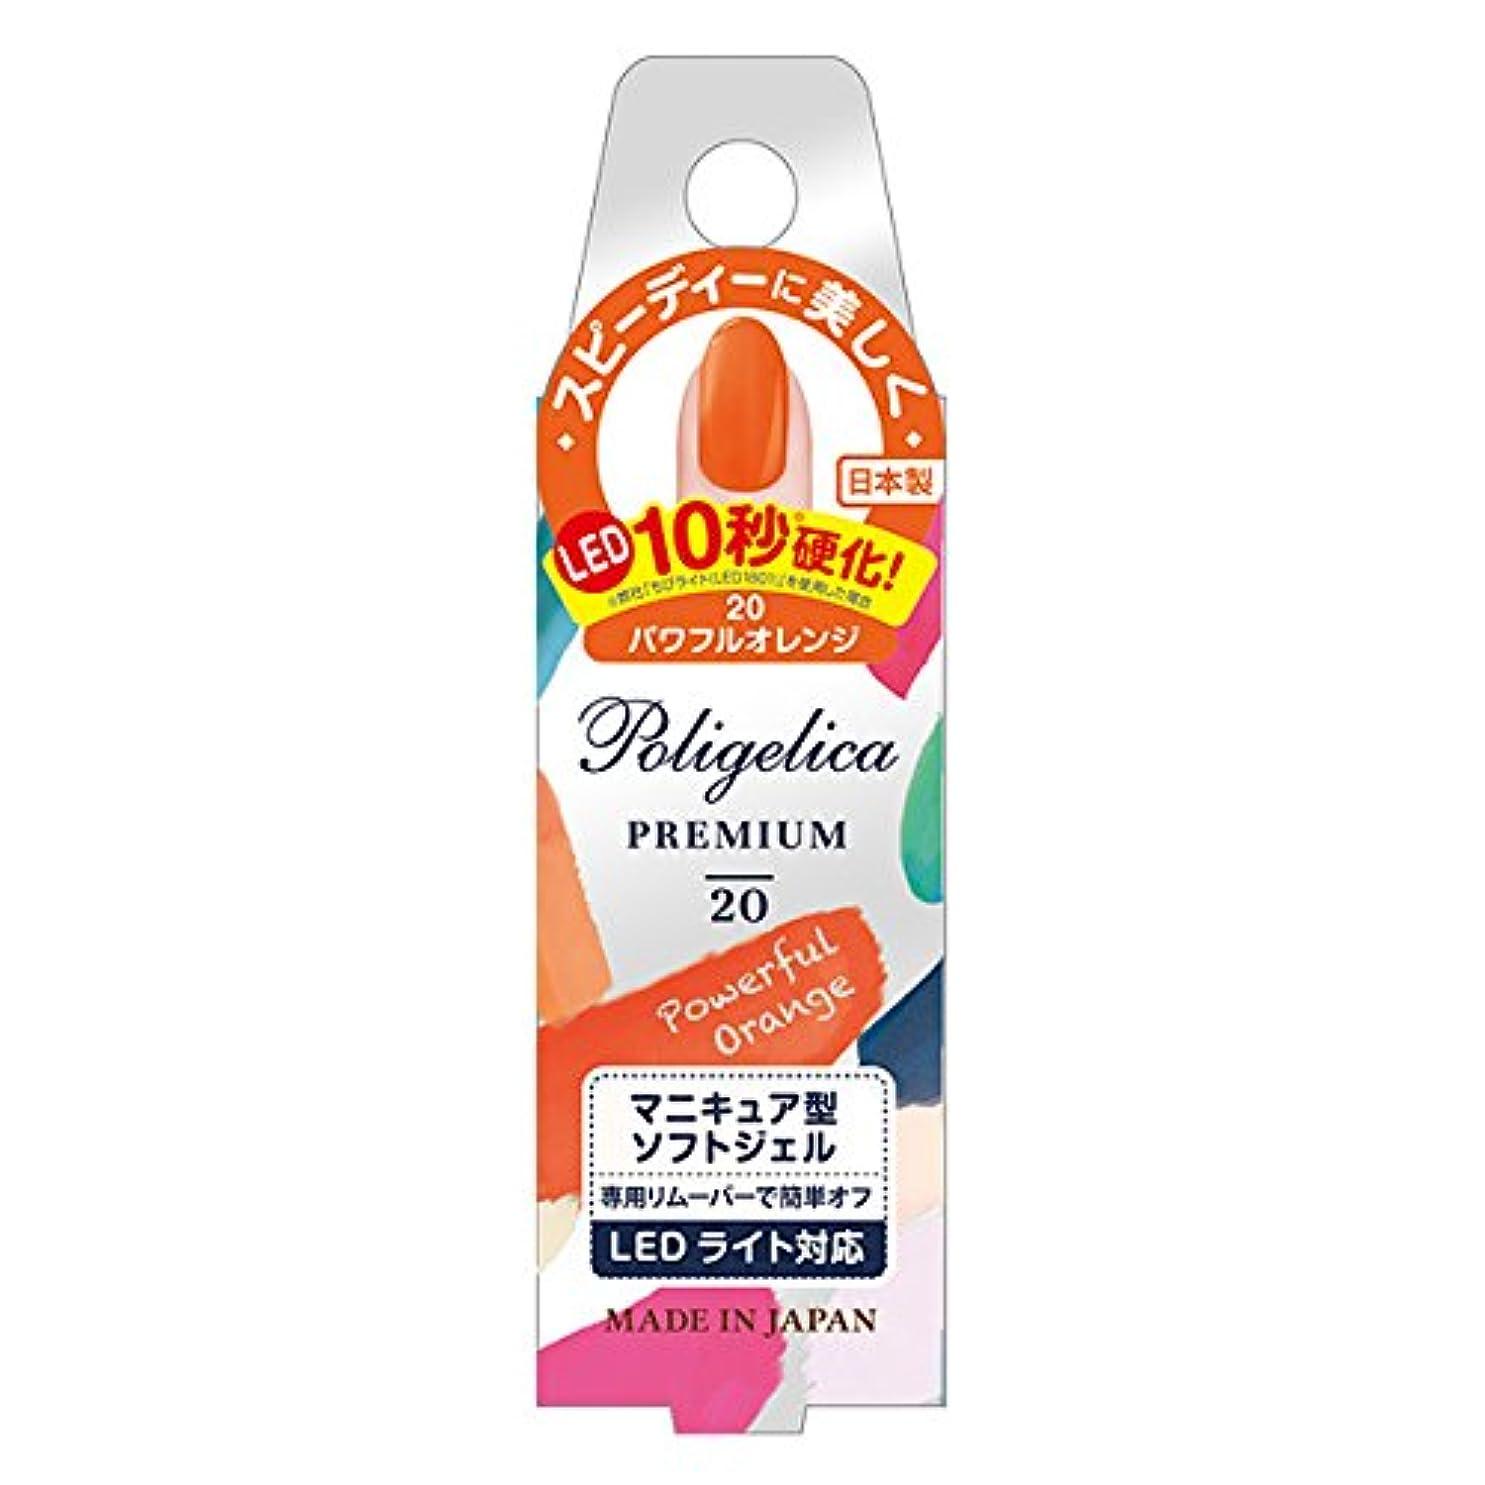 変化するシーン出口BW ポリジェリカプレミアム カラージェル APGC 1020 パワフルオレンジ (6g)